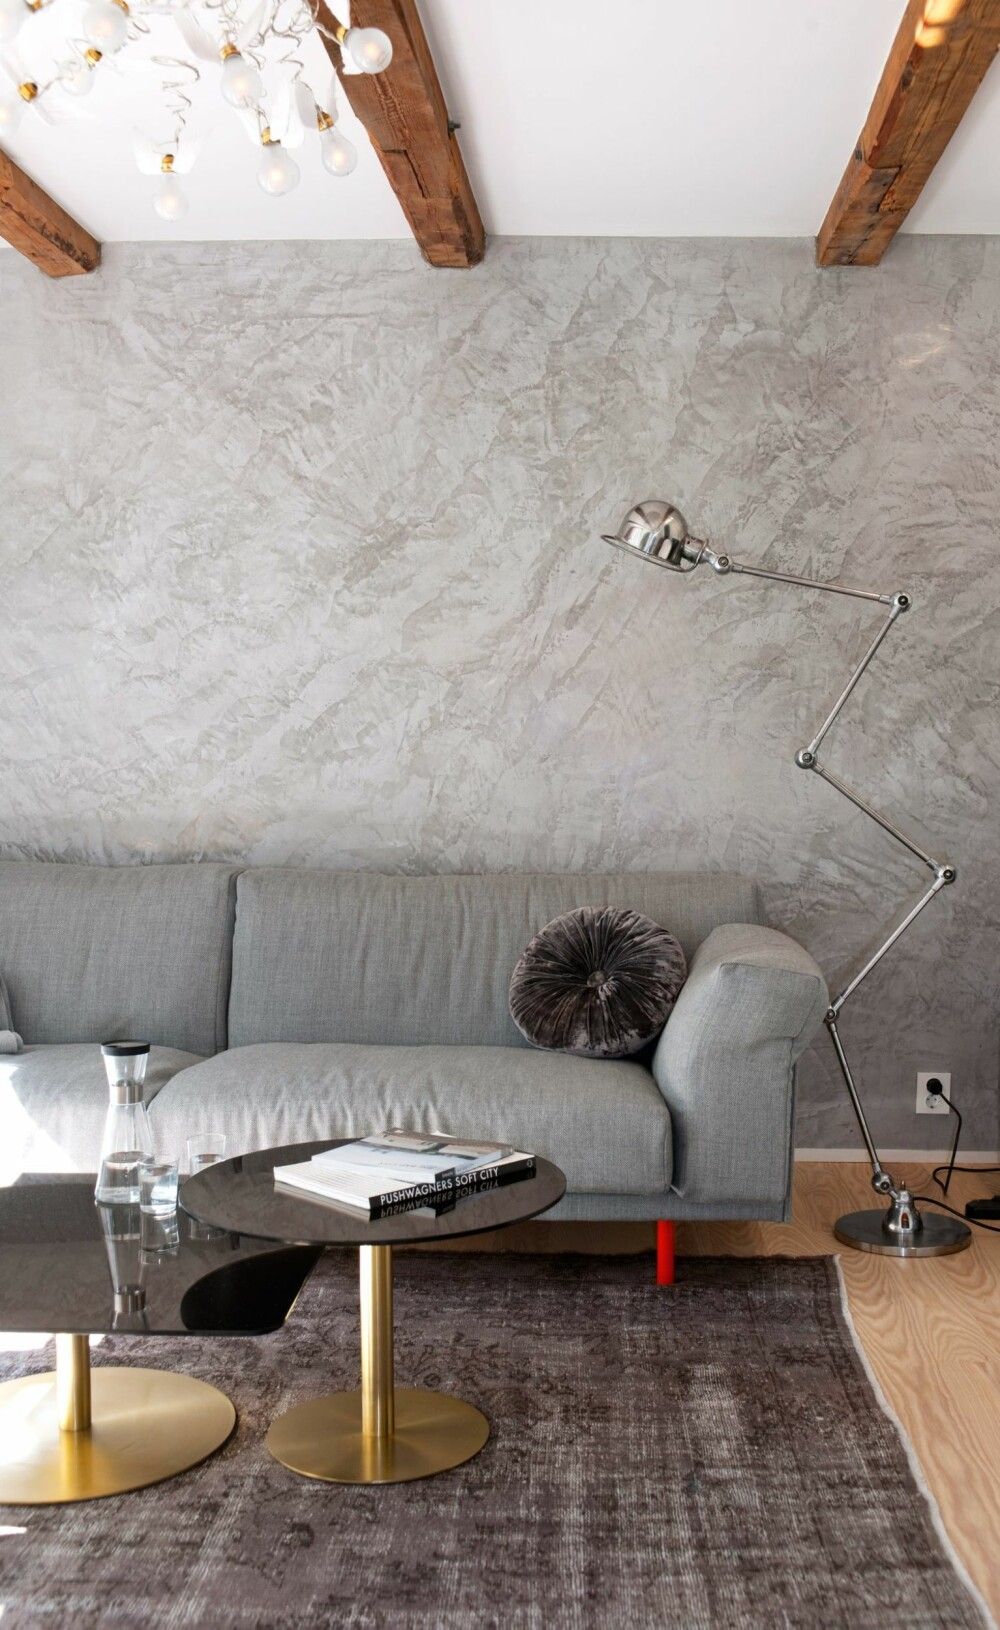 AVSLAPPET LUKSUS I FØRSTE: Ett av rommene på bakkeplan er innredet som tv-stue. Sofaen er fra Hjelle, sofabordene fra Tom Dixon. Veggene er påført en type sparkel som gir en marmorisert effekt, akkurat som på badet.